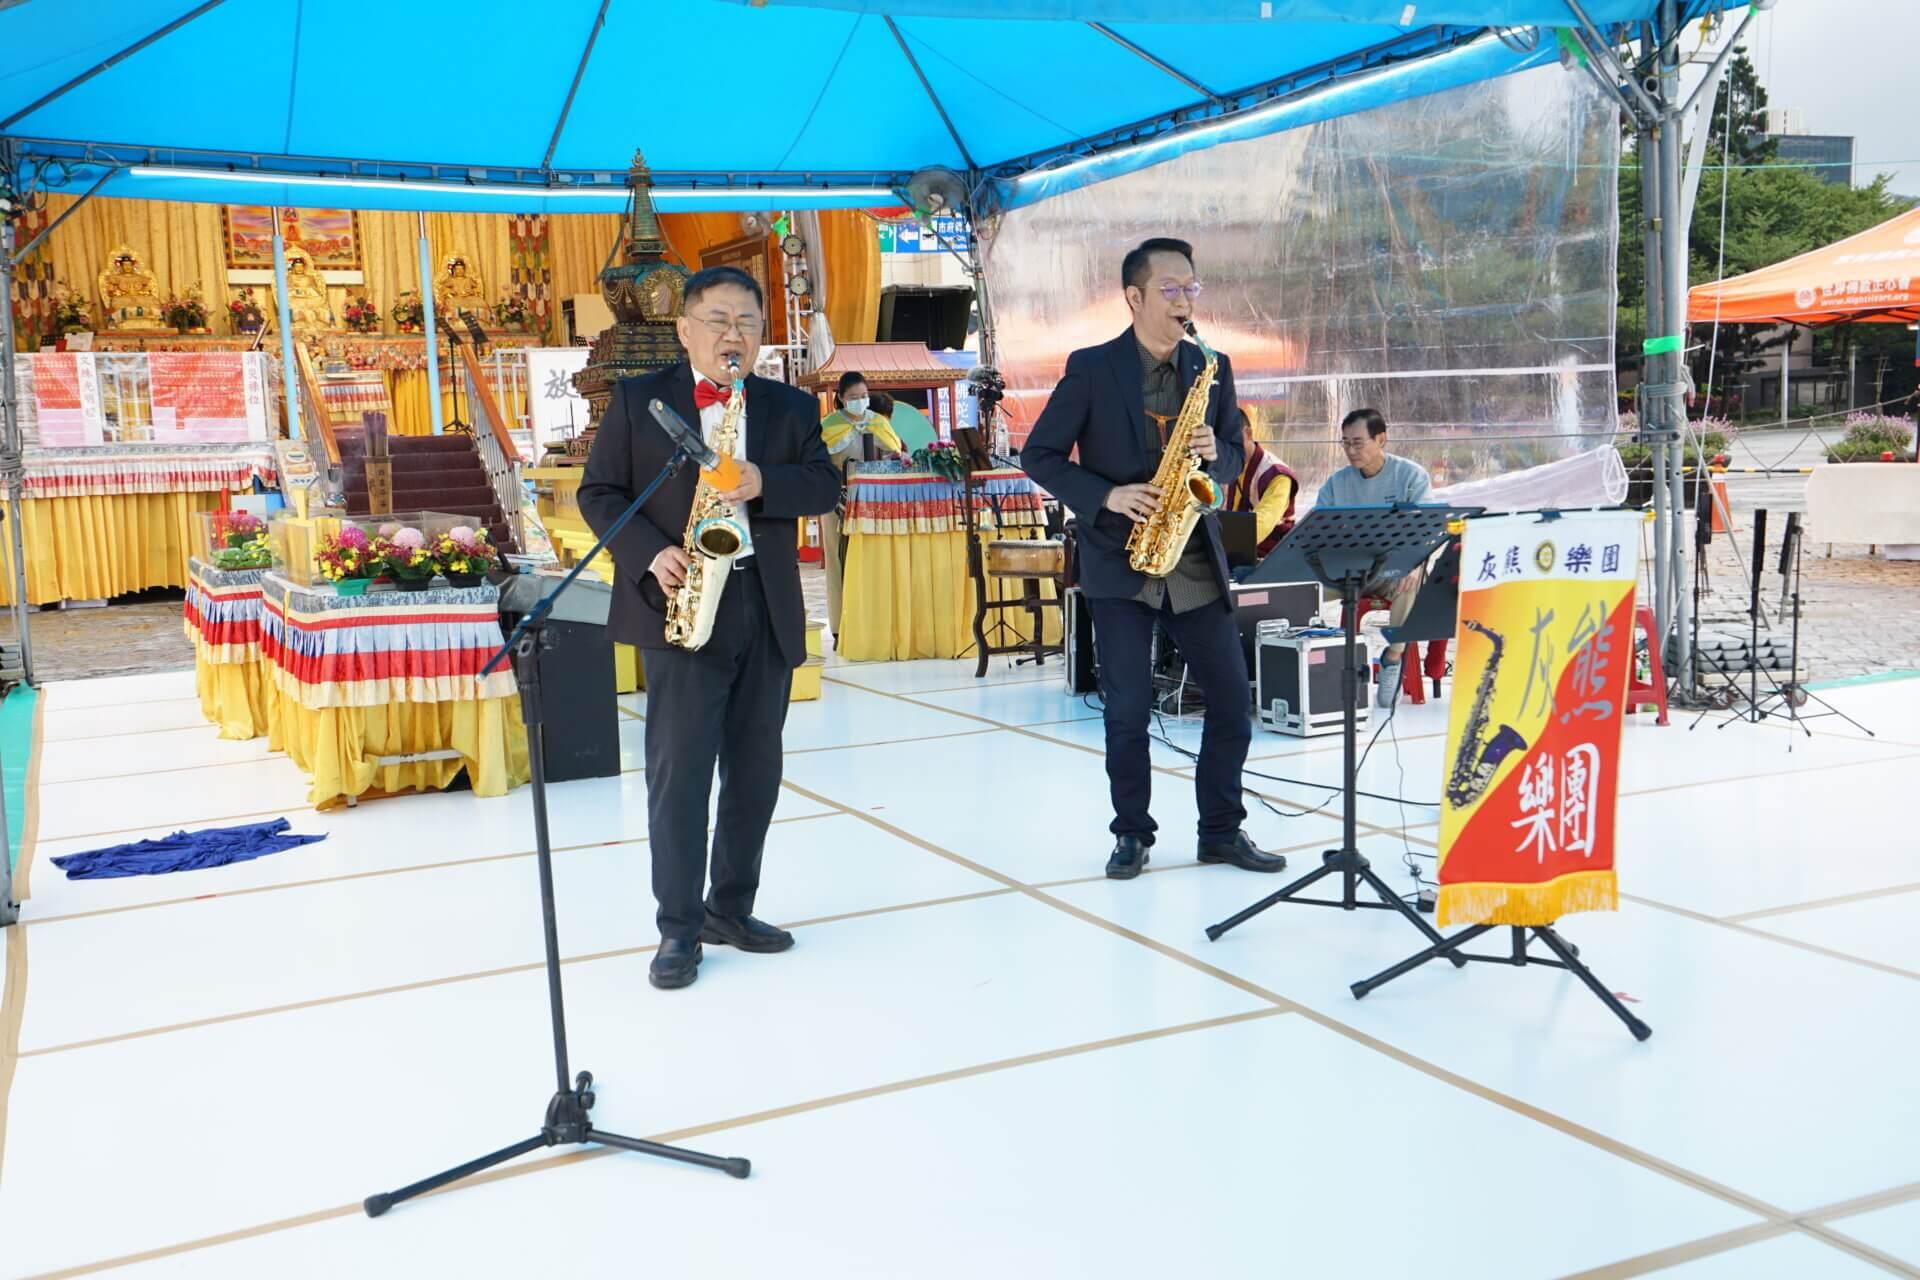 行動佛殿112站台北市政府,台北灰熊樂團公益演出